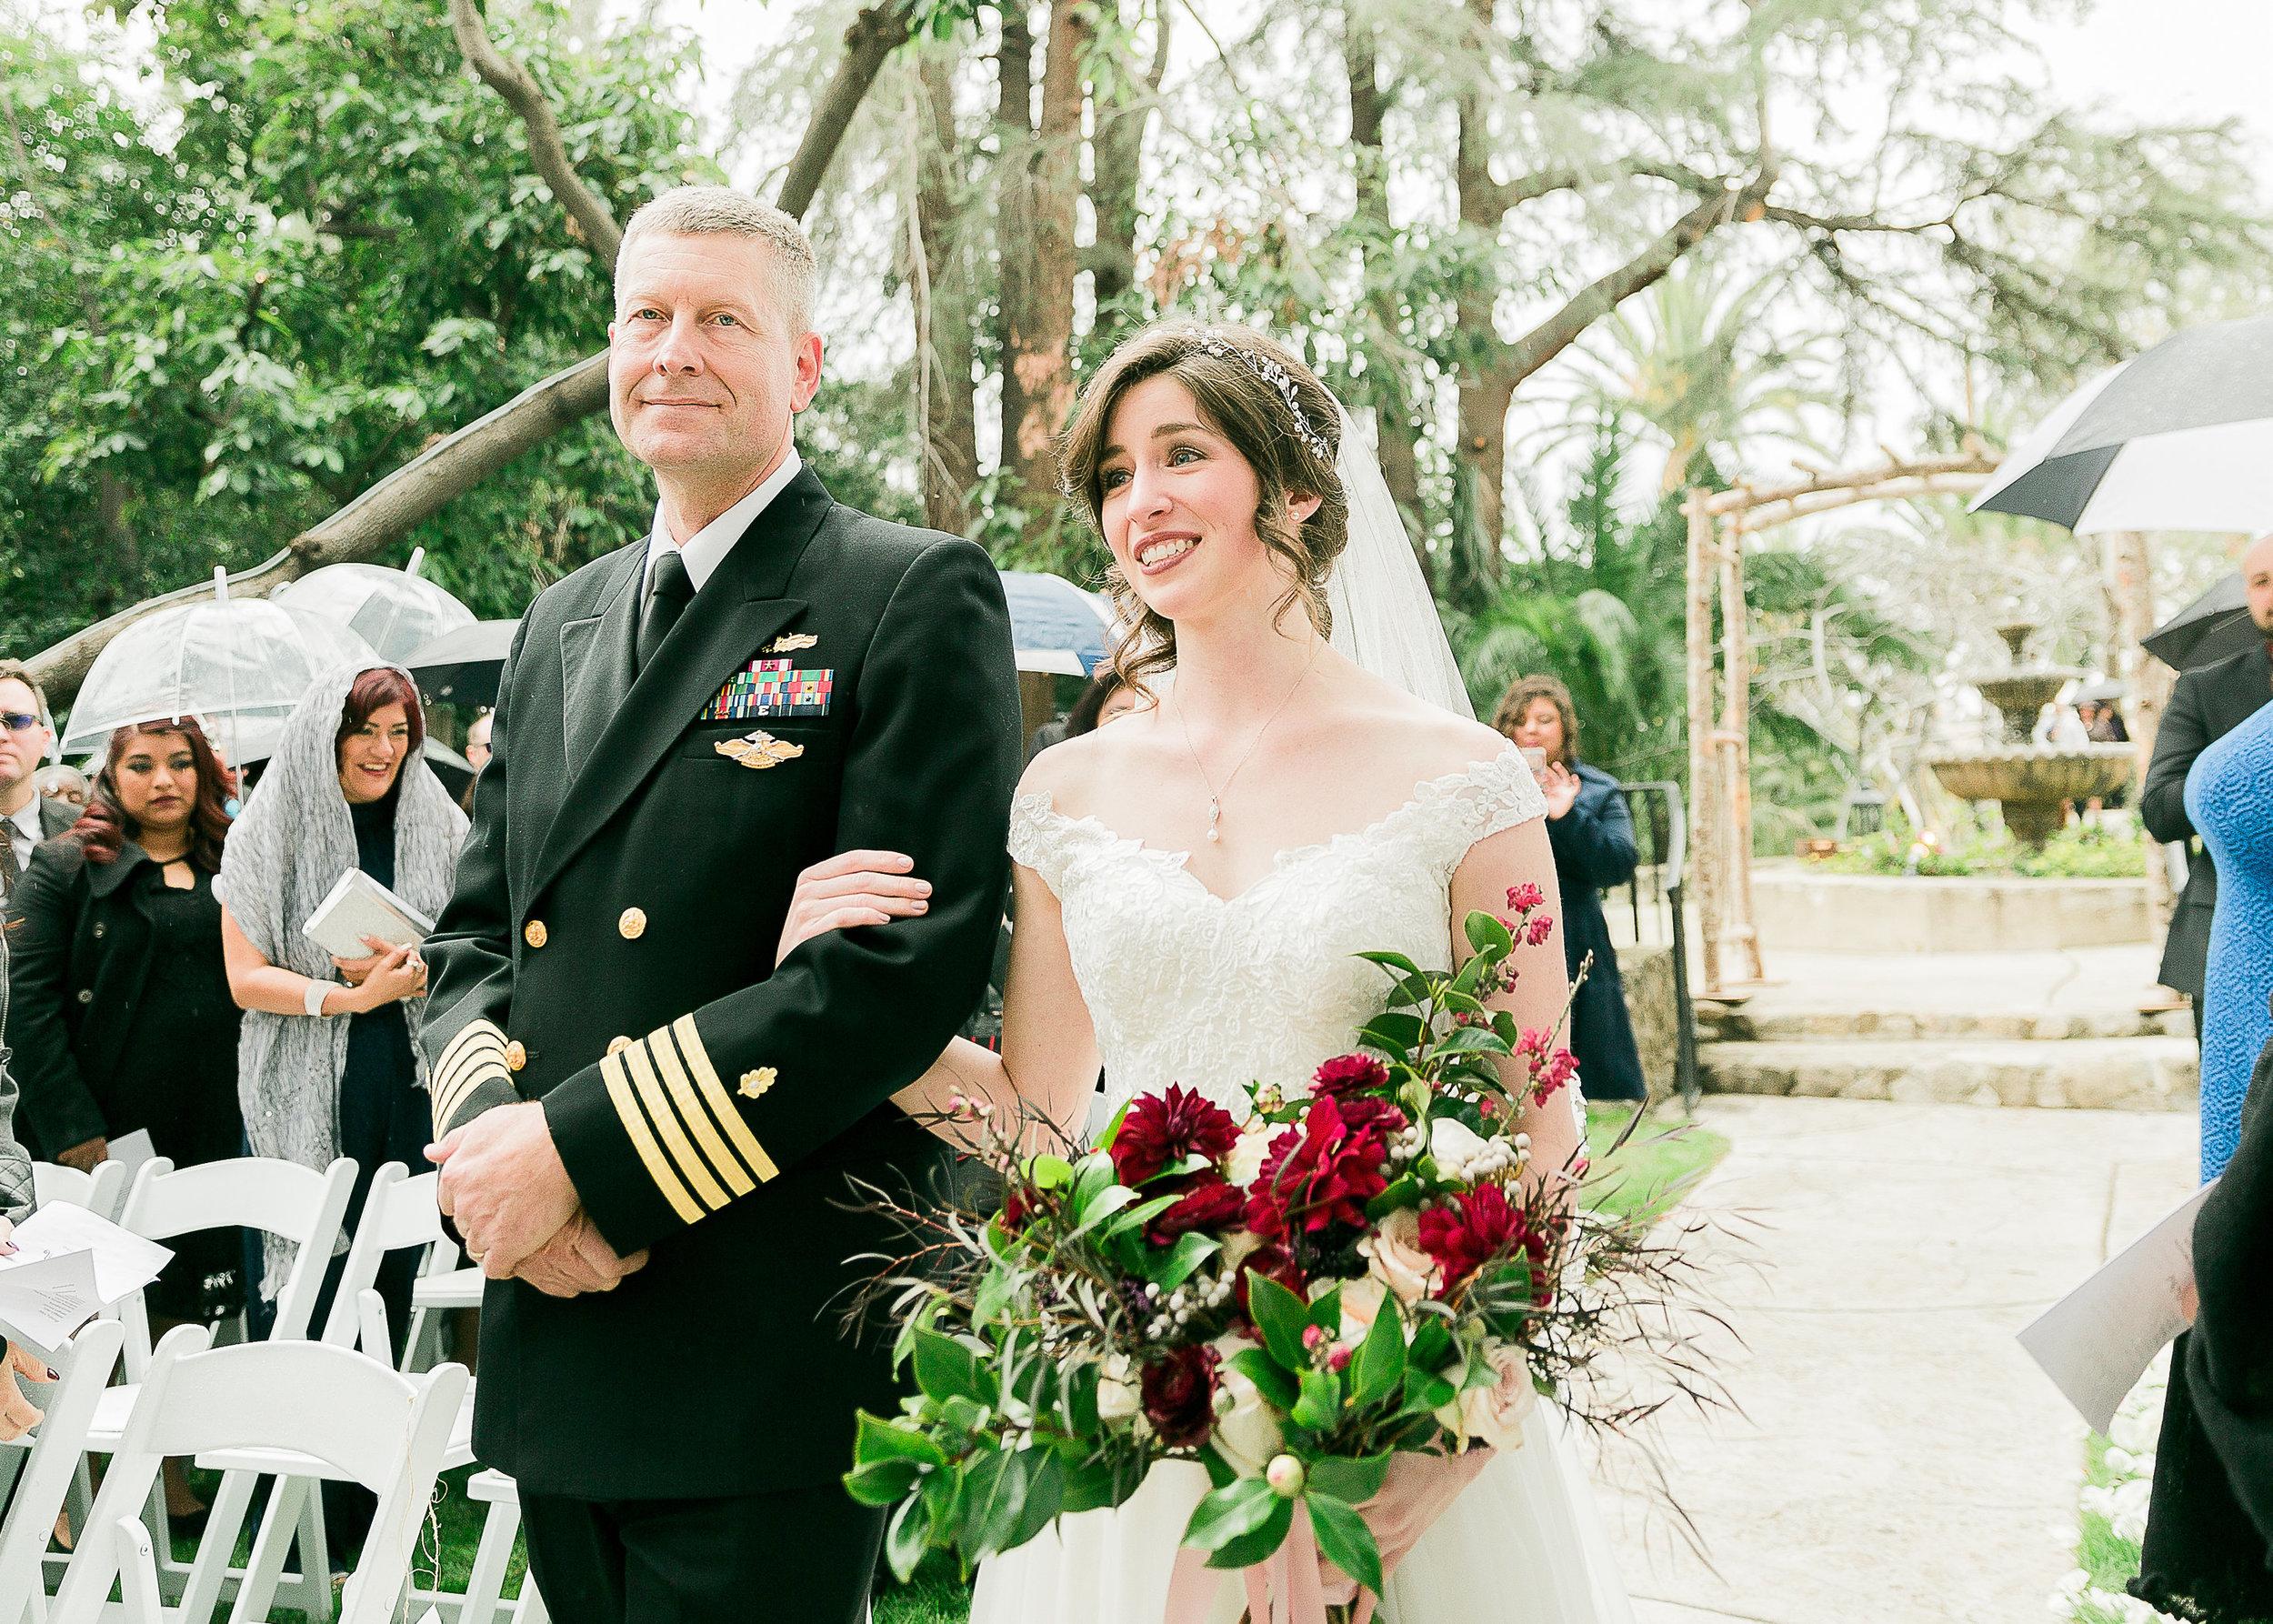 CUEVAS-WEDDING-SNEAK-PEEK-0050.jpg